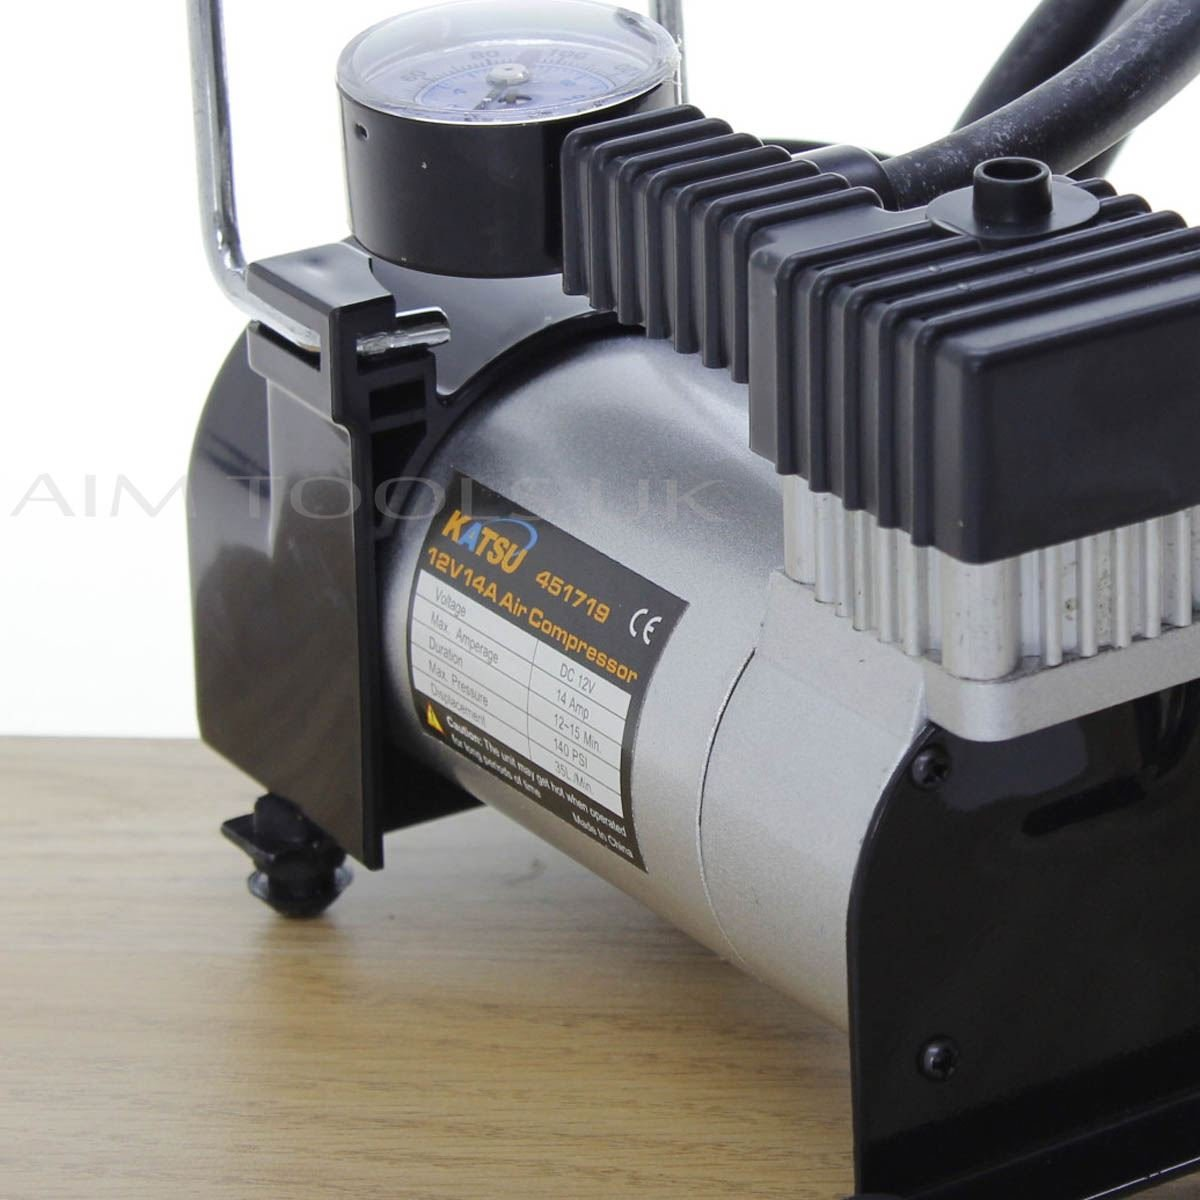 KATSU/Â/® 451719 Car Tyre Inflator Air Compressor 12V Great Value For Money